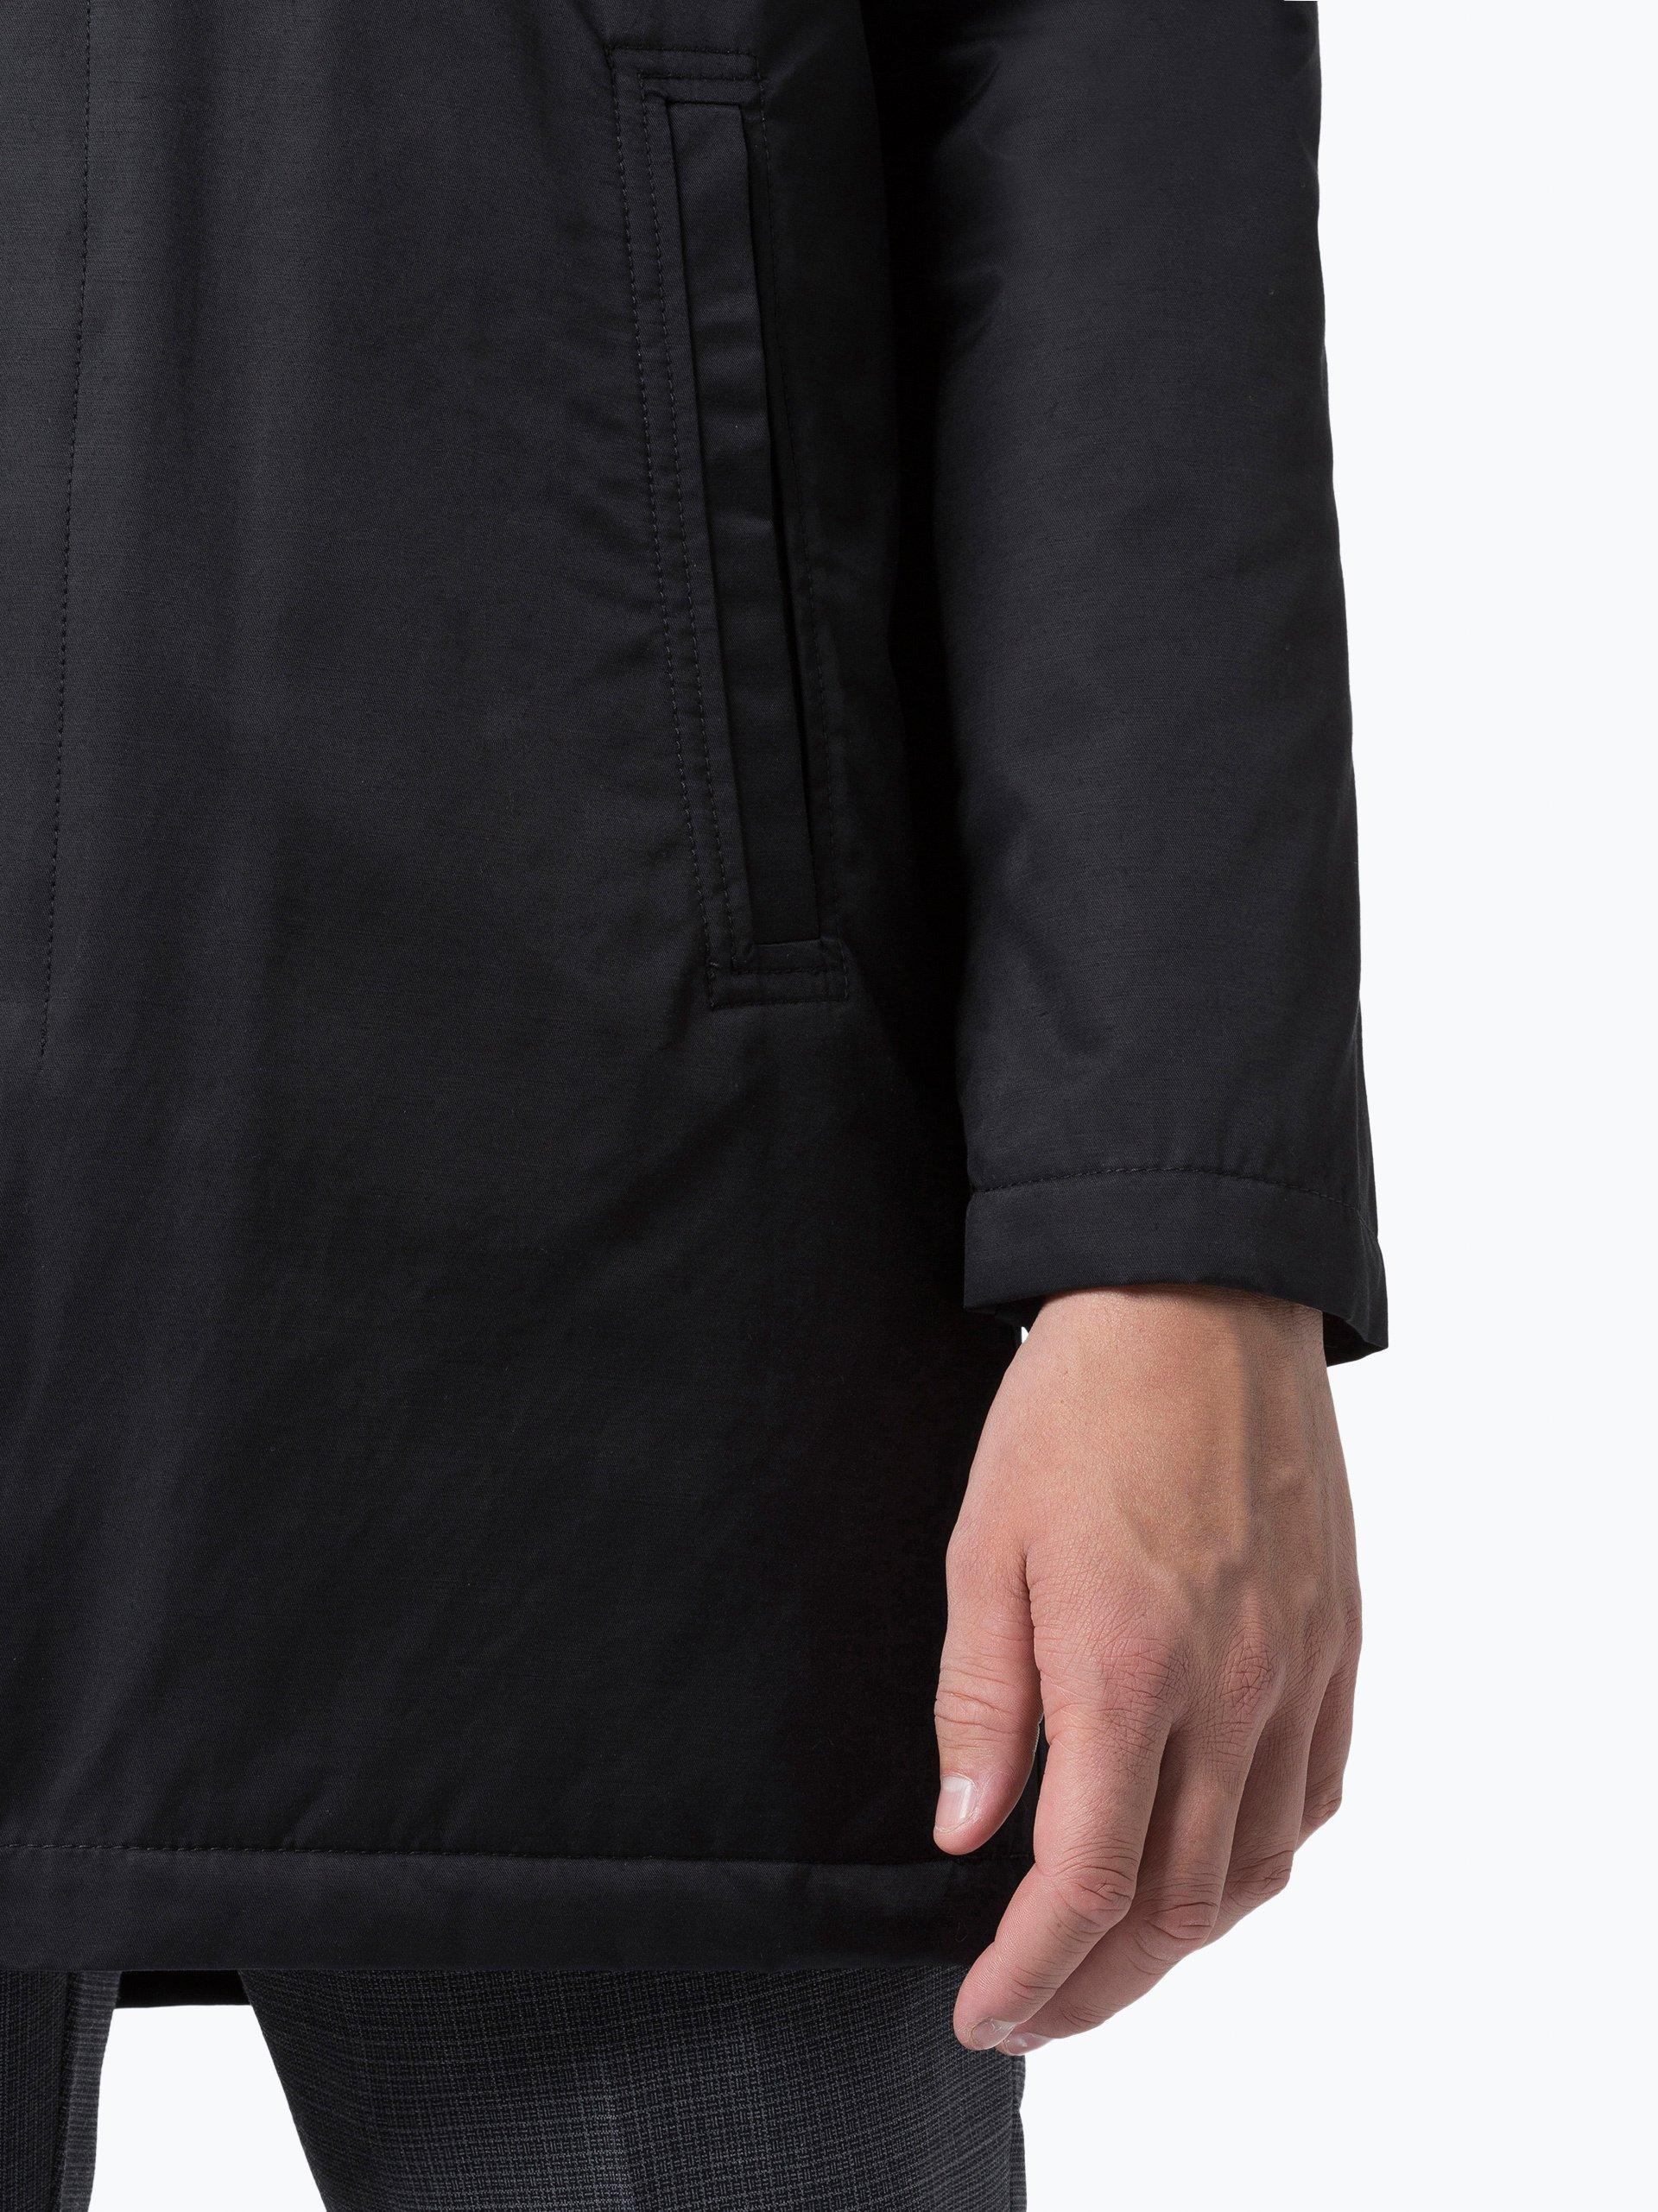 mc earl herren mantel schwarz uni online kaufen peek und. Black Bedroom Furniture Sets. Home Design Ideas